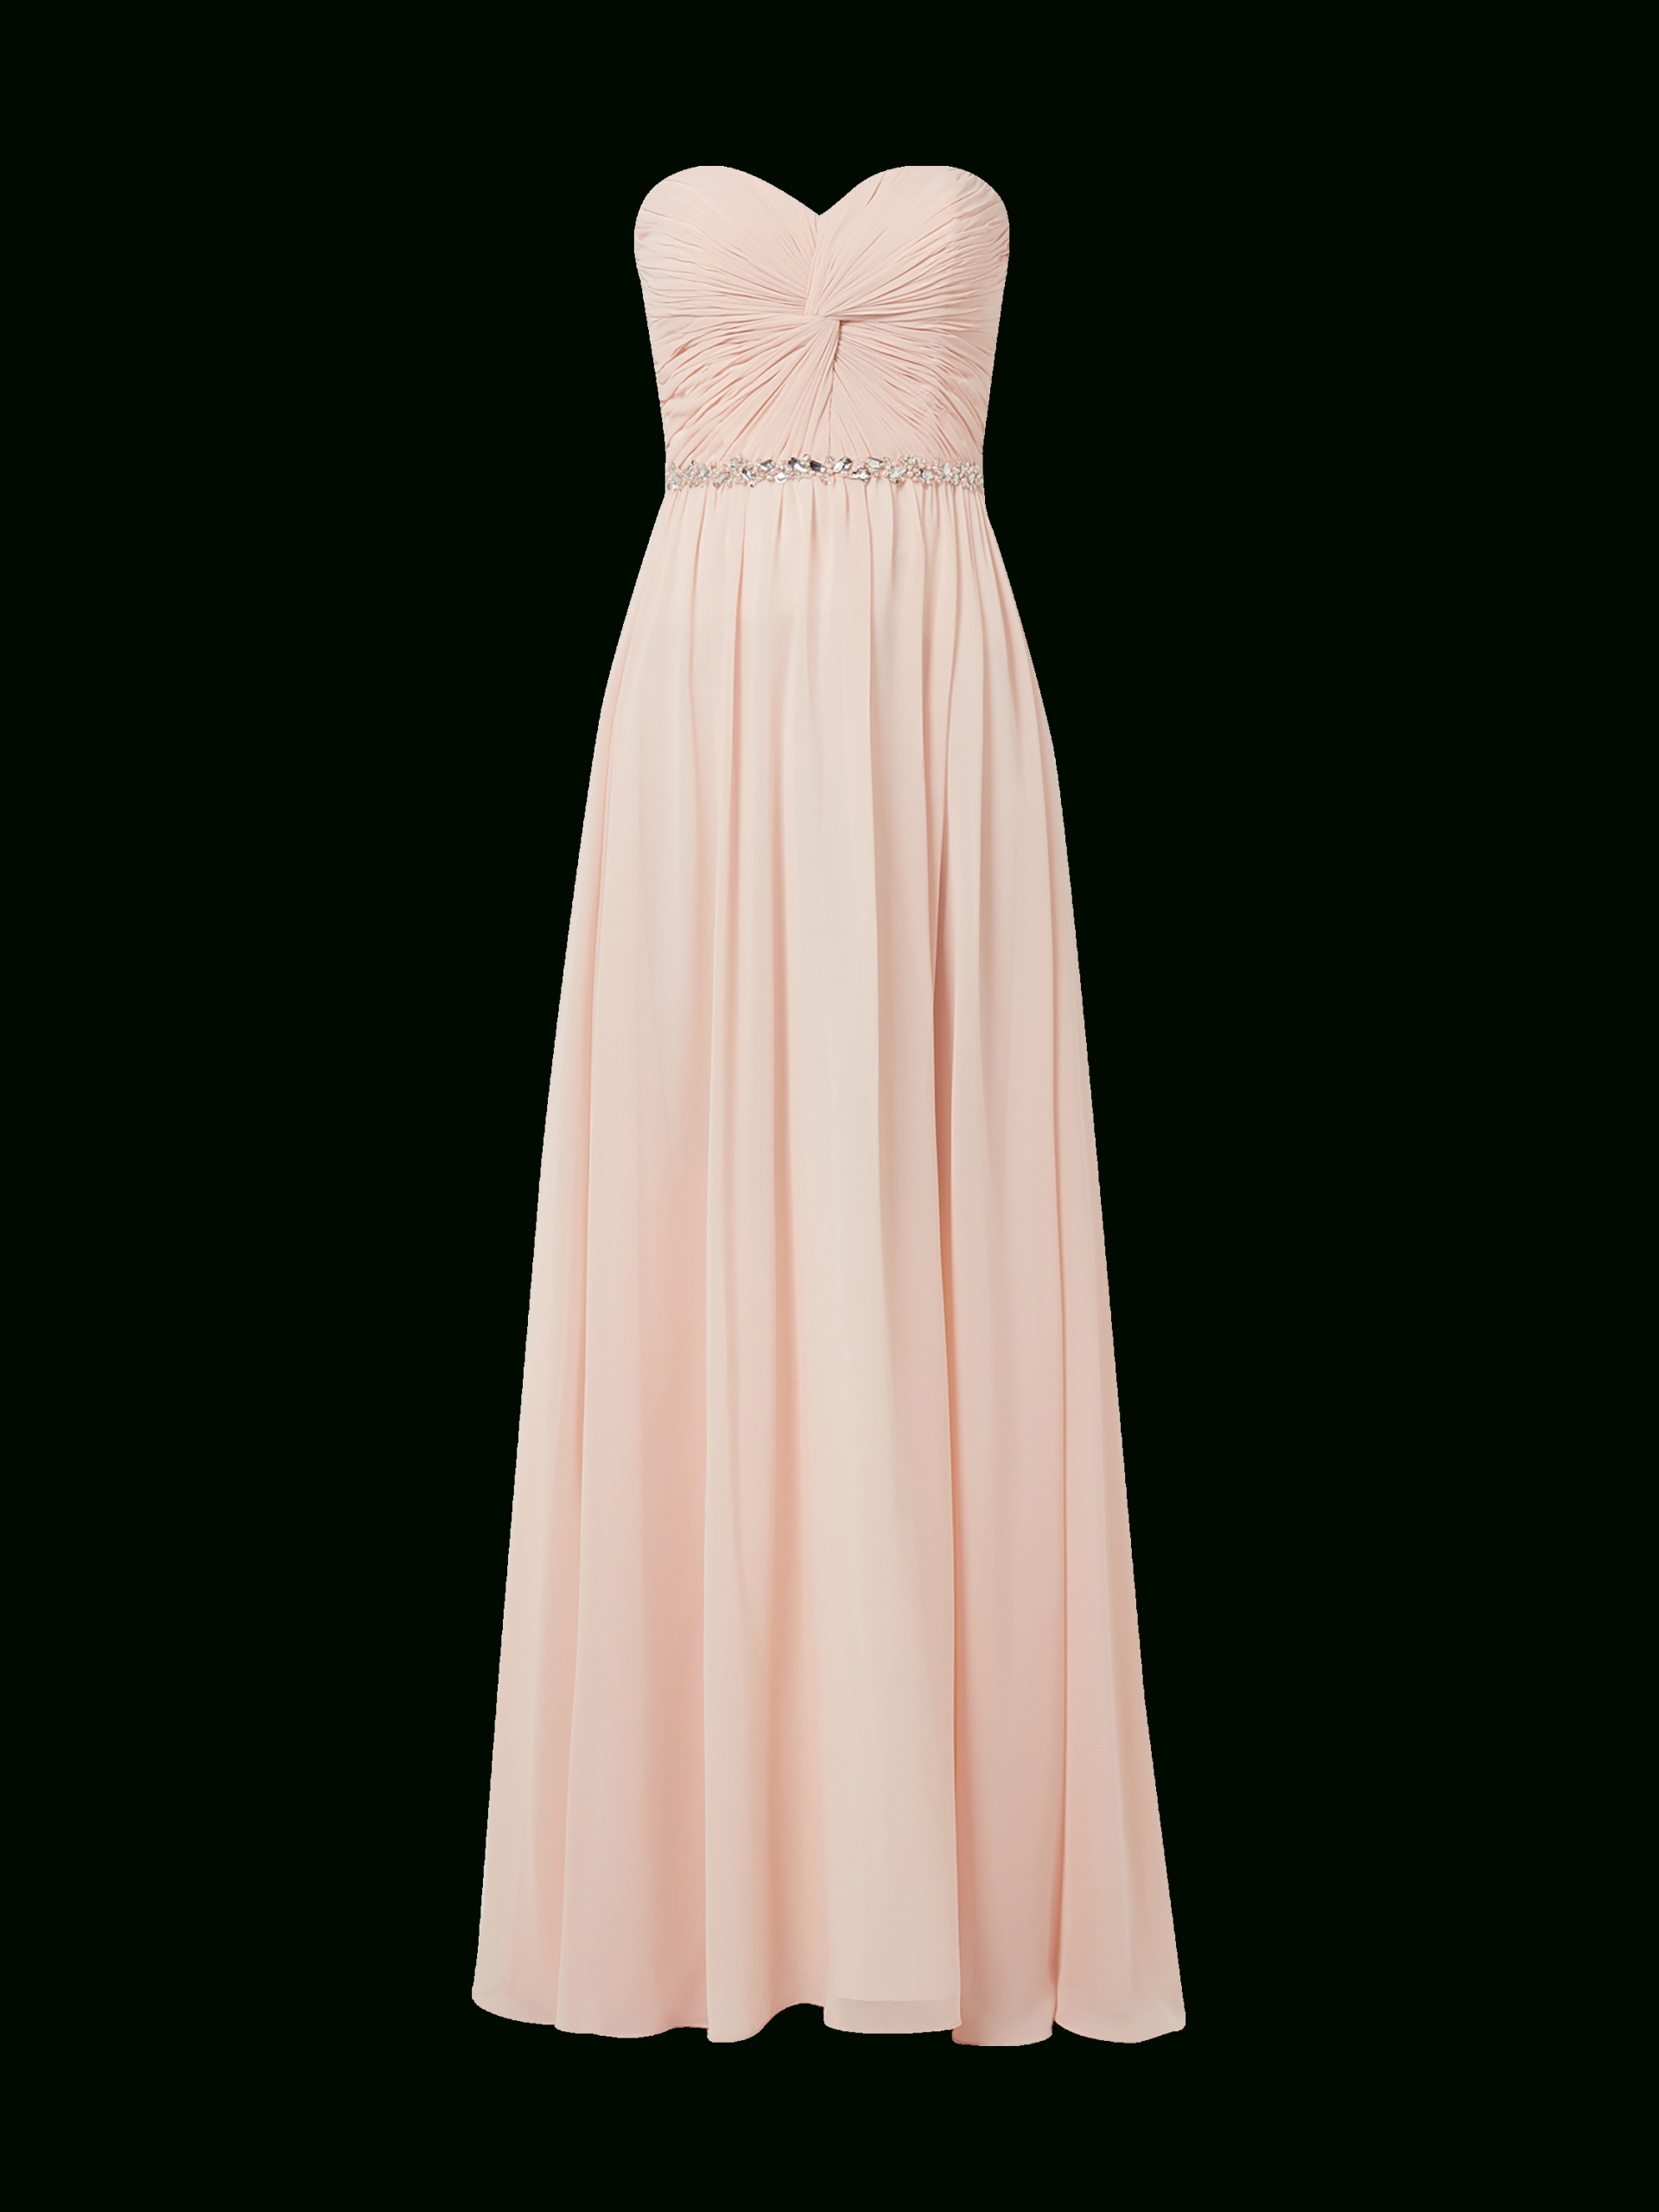 20 Wunderbar Laona Abendkleid Xxl für 201915 Ausgezeichnet Laona Abendkleid Xxl Spezialgebiet